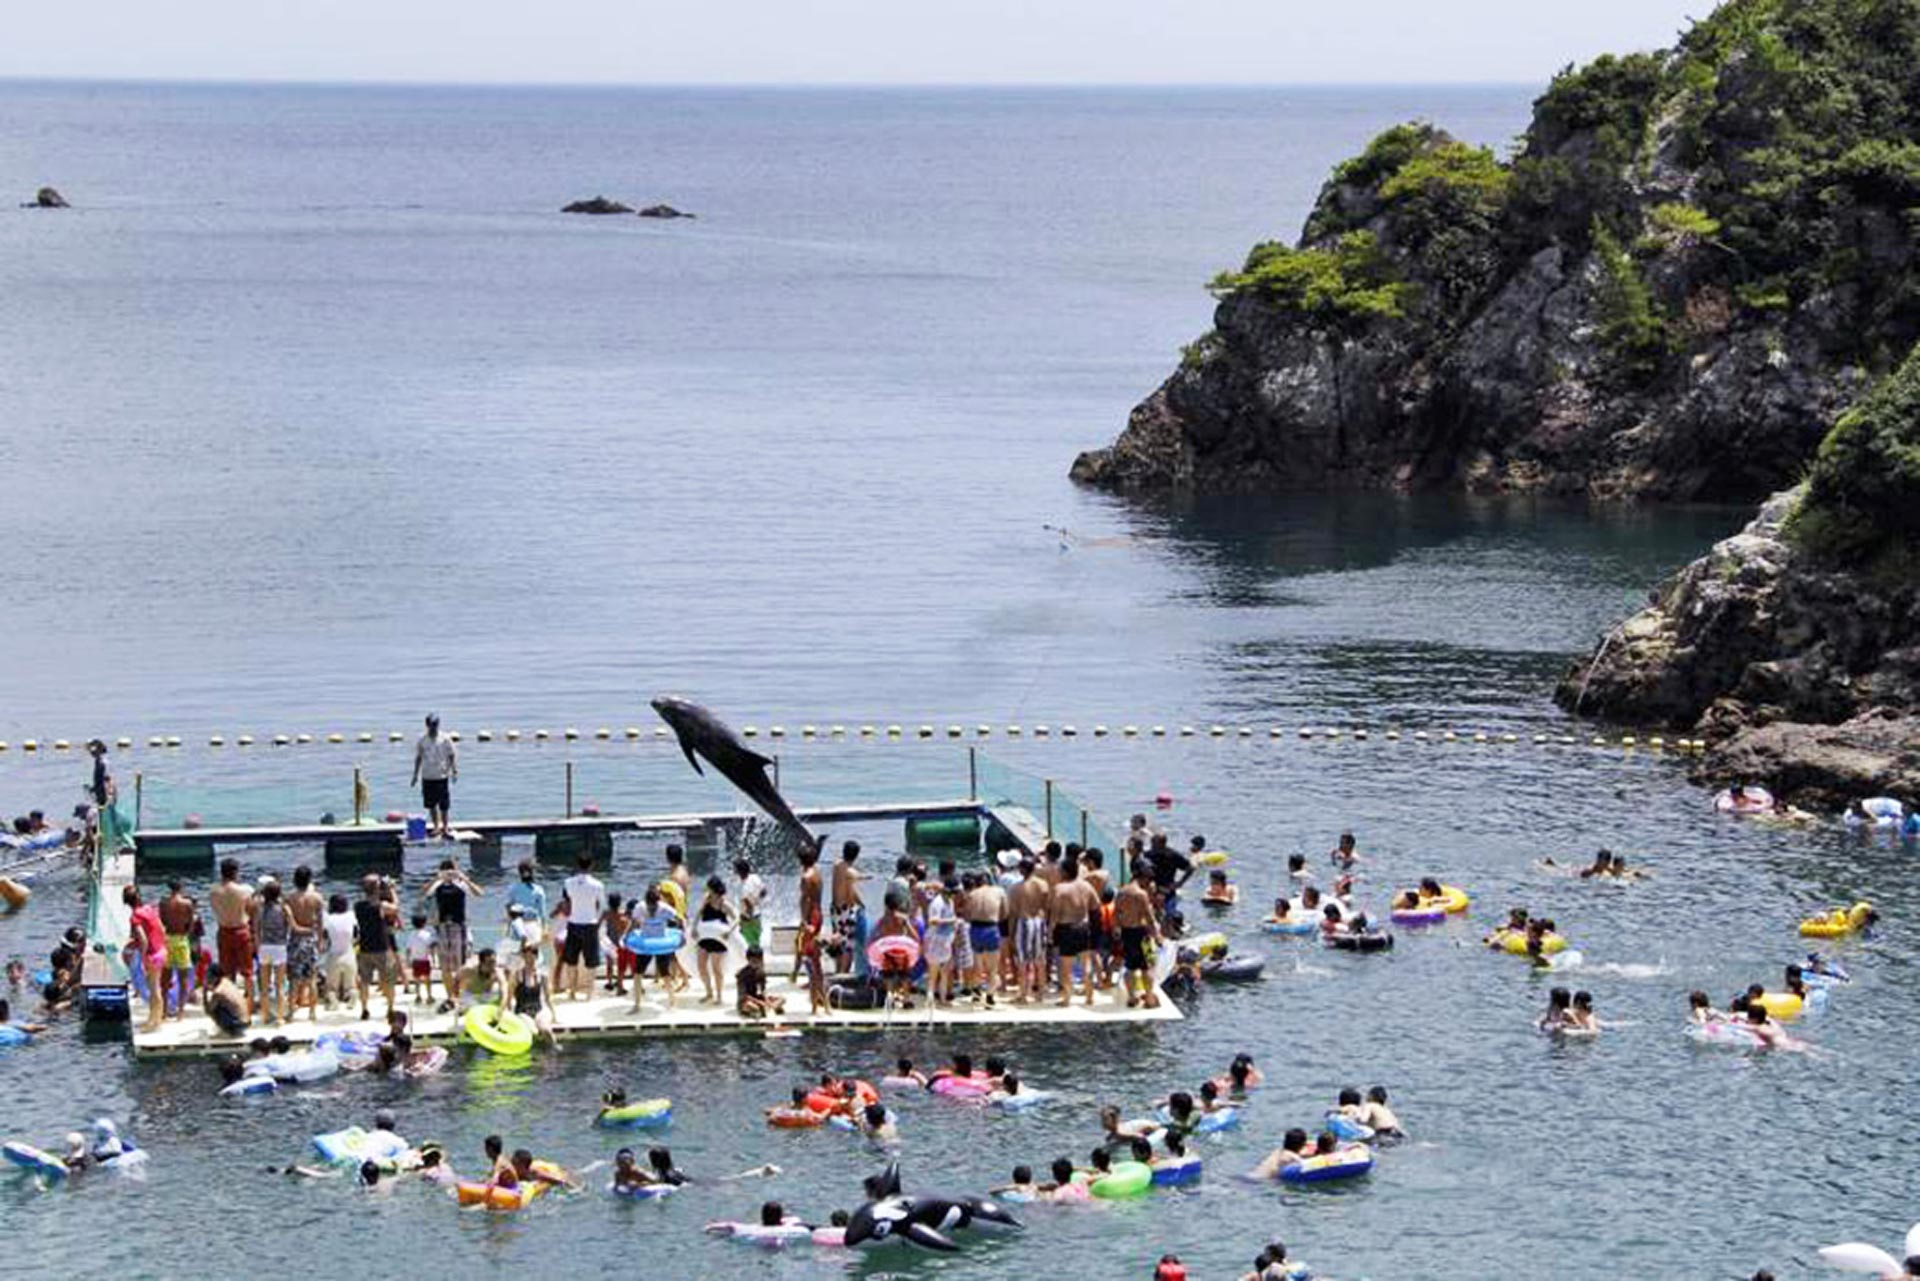 太地町の入江で生簀に入れられたイルカと泳ぐ光景客 | AP